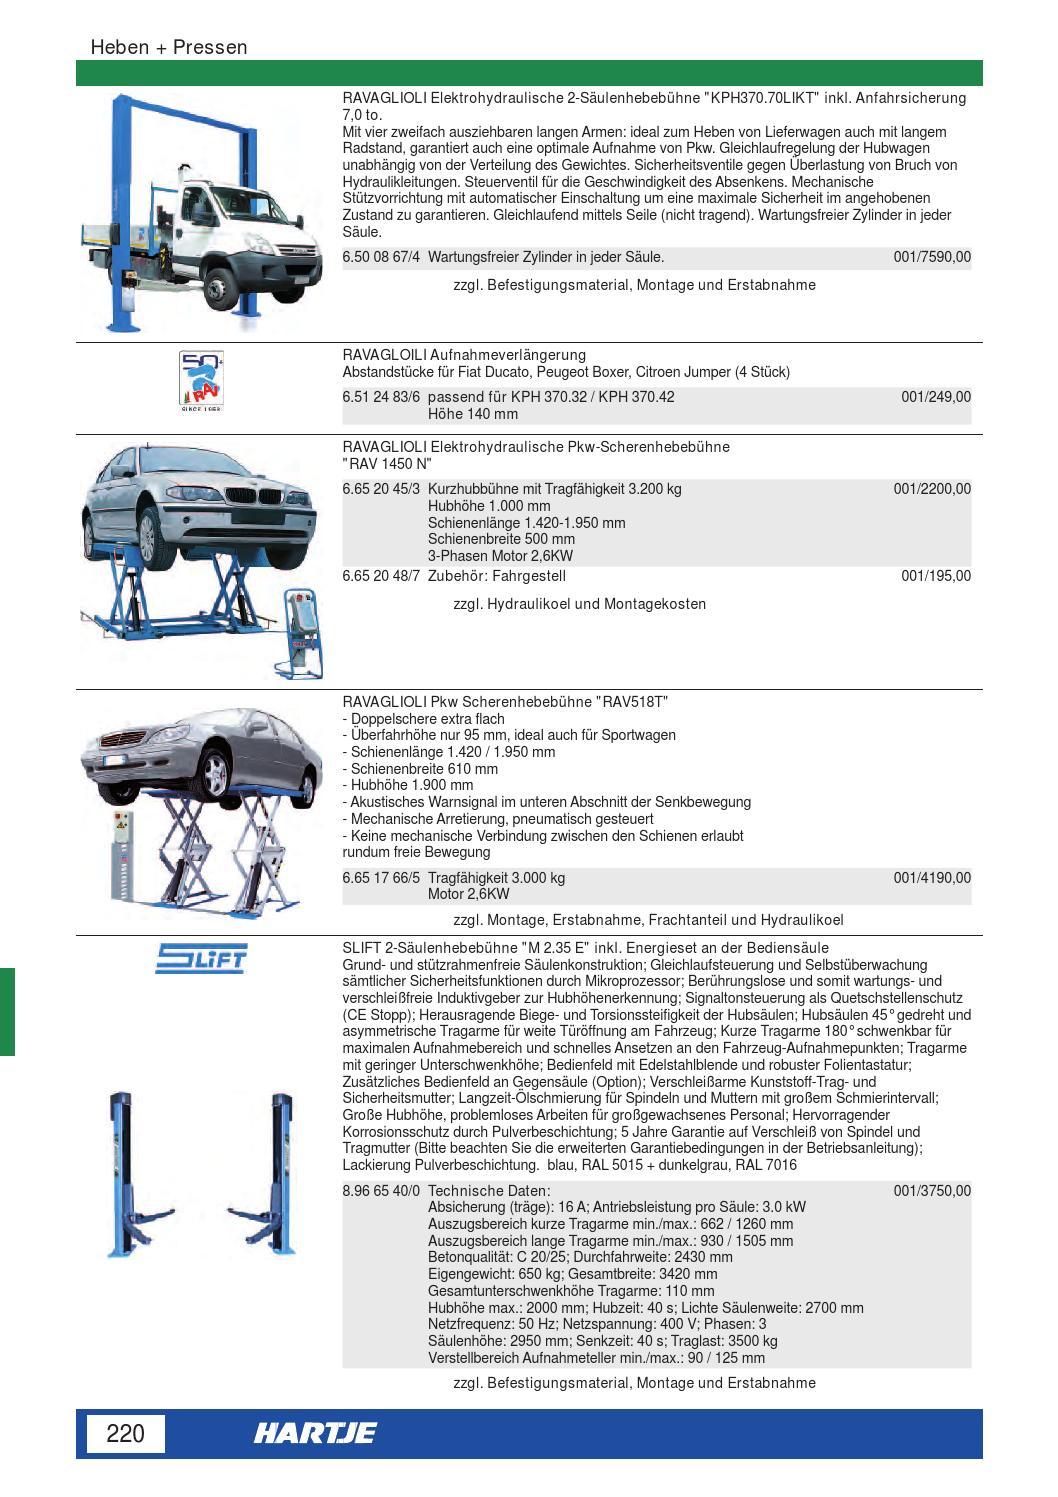 Erfreut Wicklungsanschluss Des 3 Phasen Motors Bilder - Elektrische ...